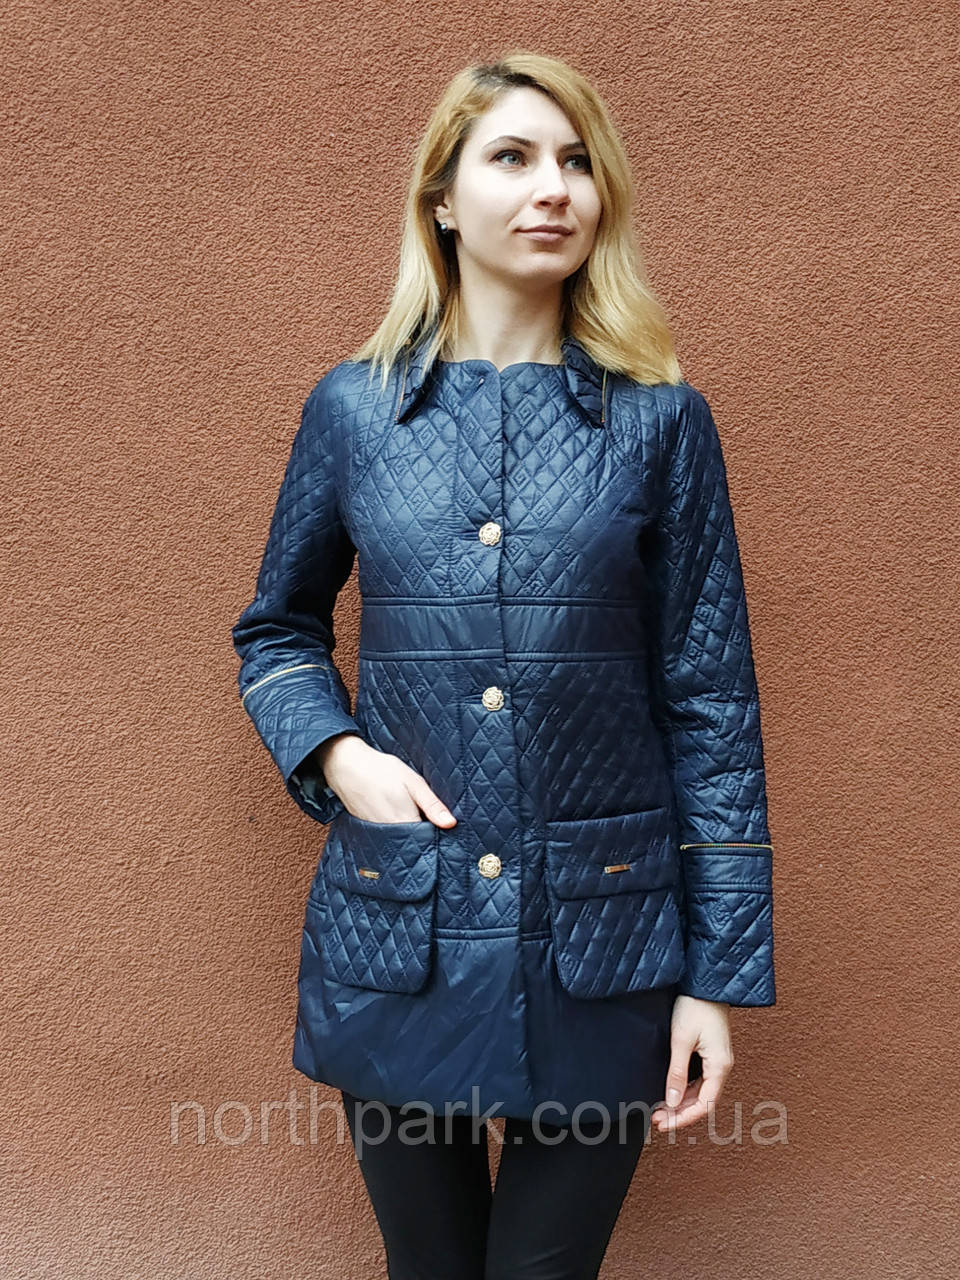 Женская весенняя приталенная куртка, темно-синяя